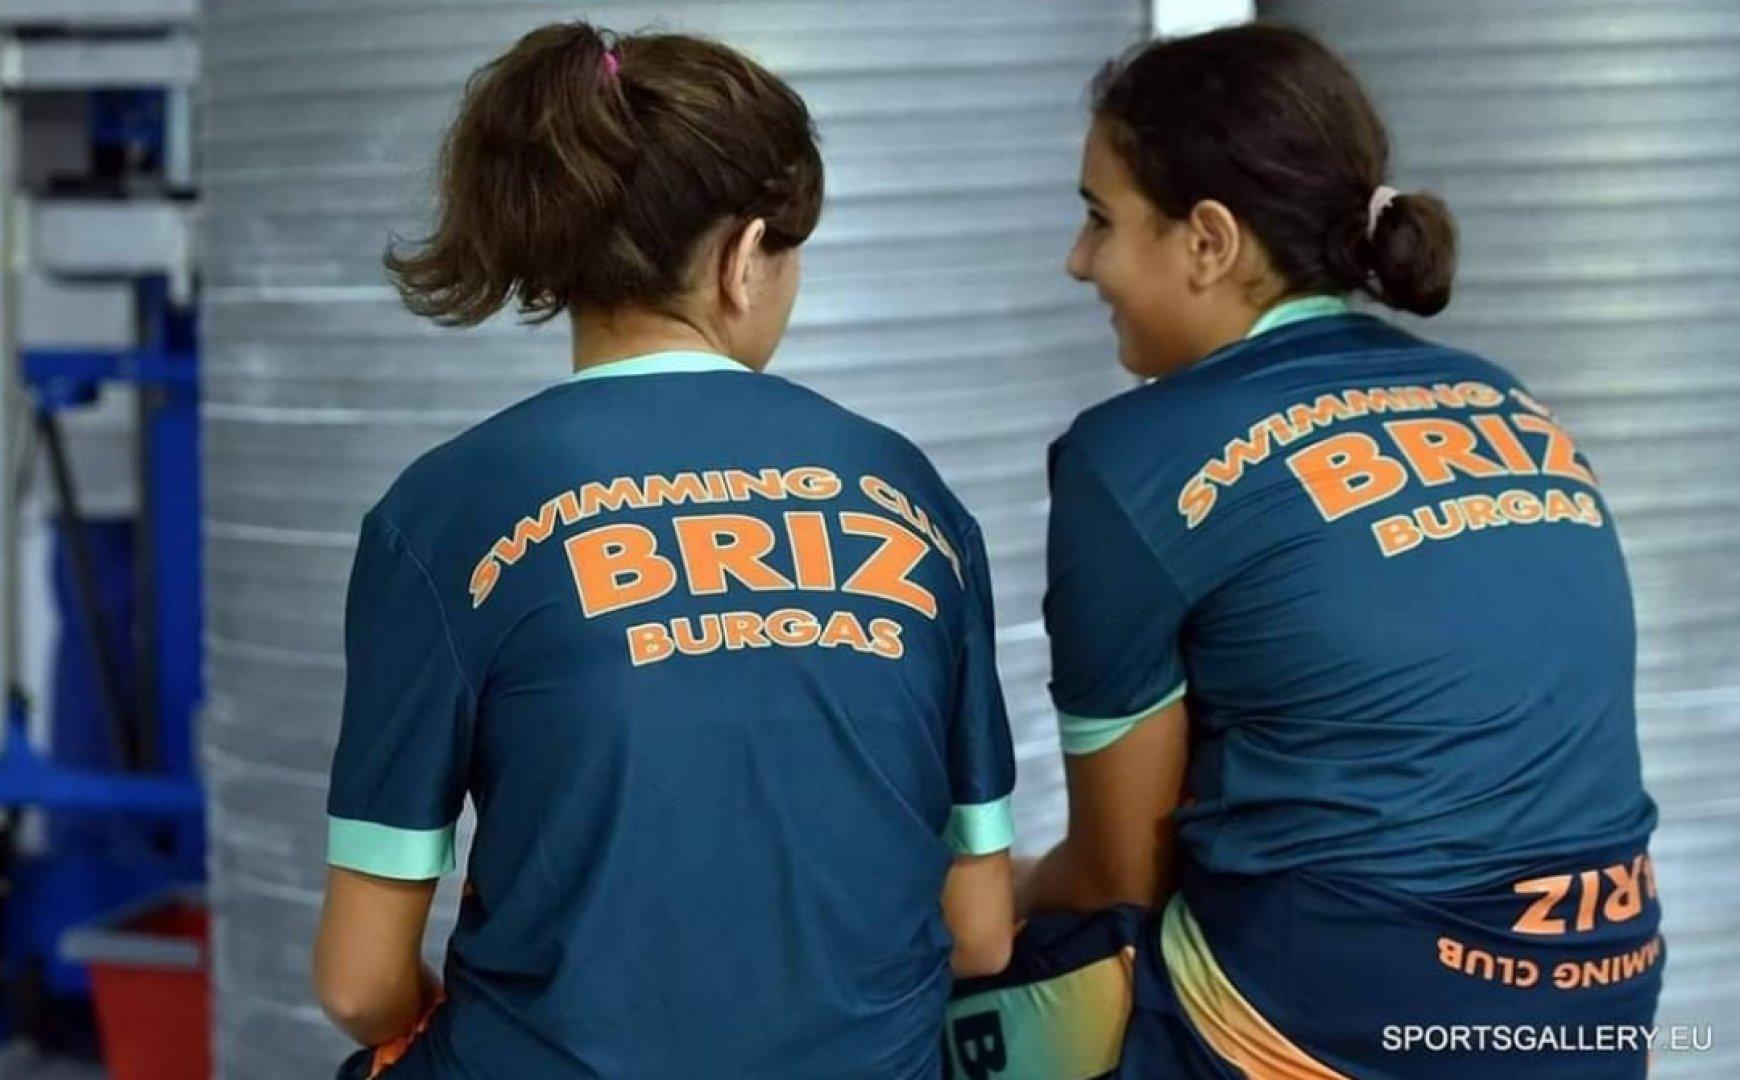 Турнирът се организира от КП Бриз и ще се проведе от 8-ми до 10-ти октомври. Снимка Община Бургас